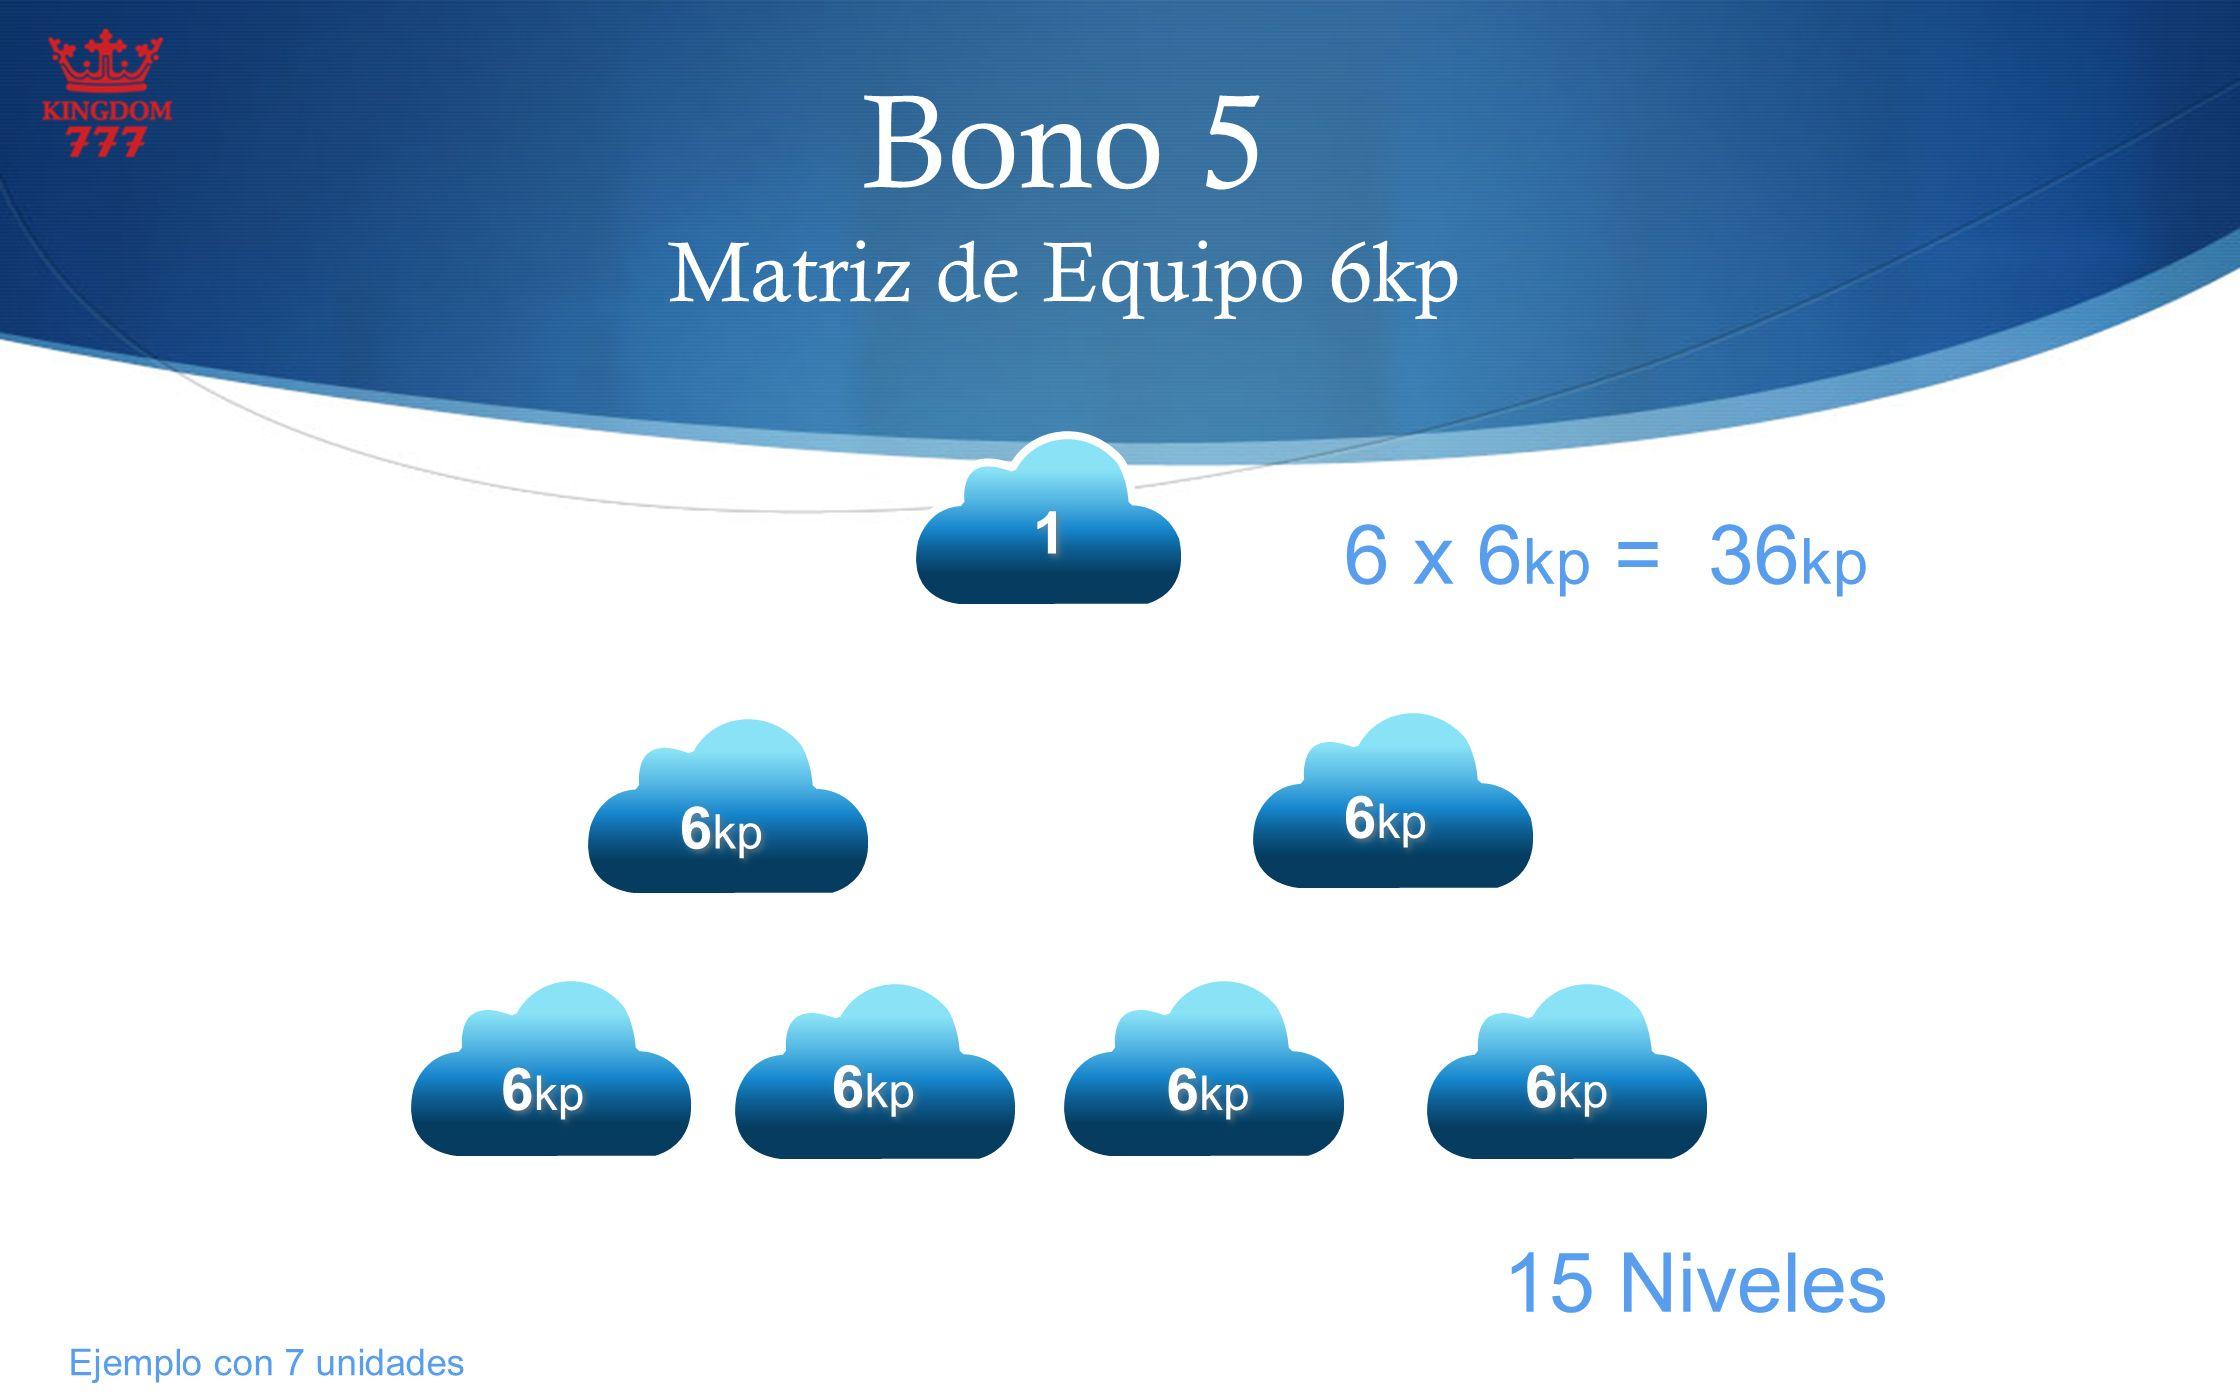 Bono 5 Matriz de Equipo 6kp 1 1 15 Niveles 6 kp 6 x 6 kp = 36 kp Ejemplo con 7 unidades